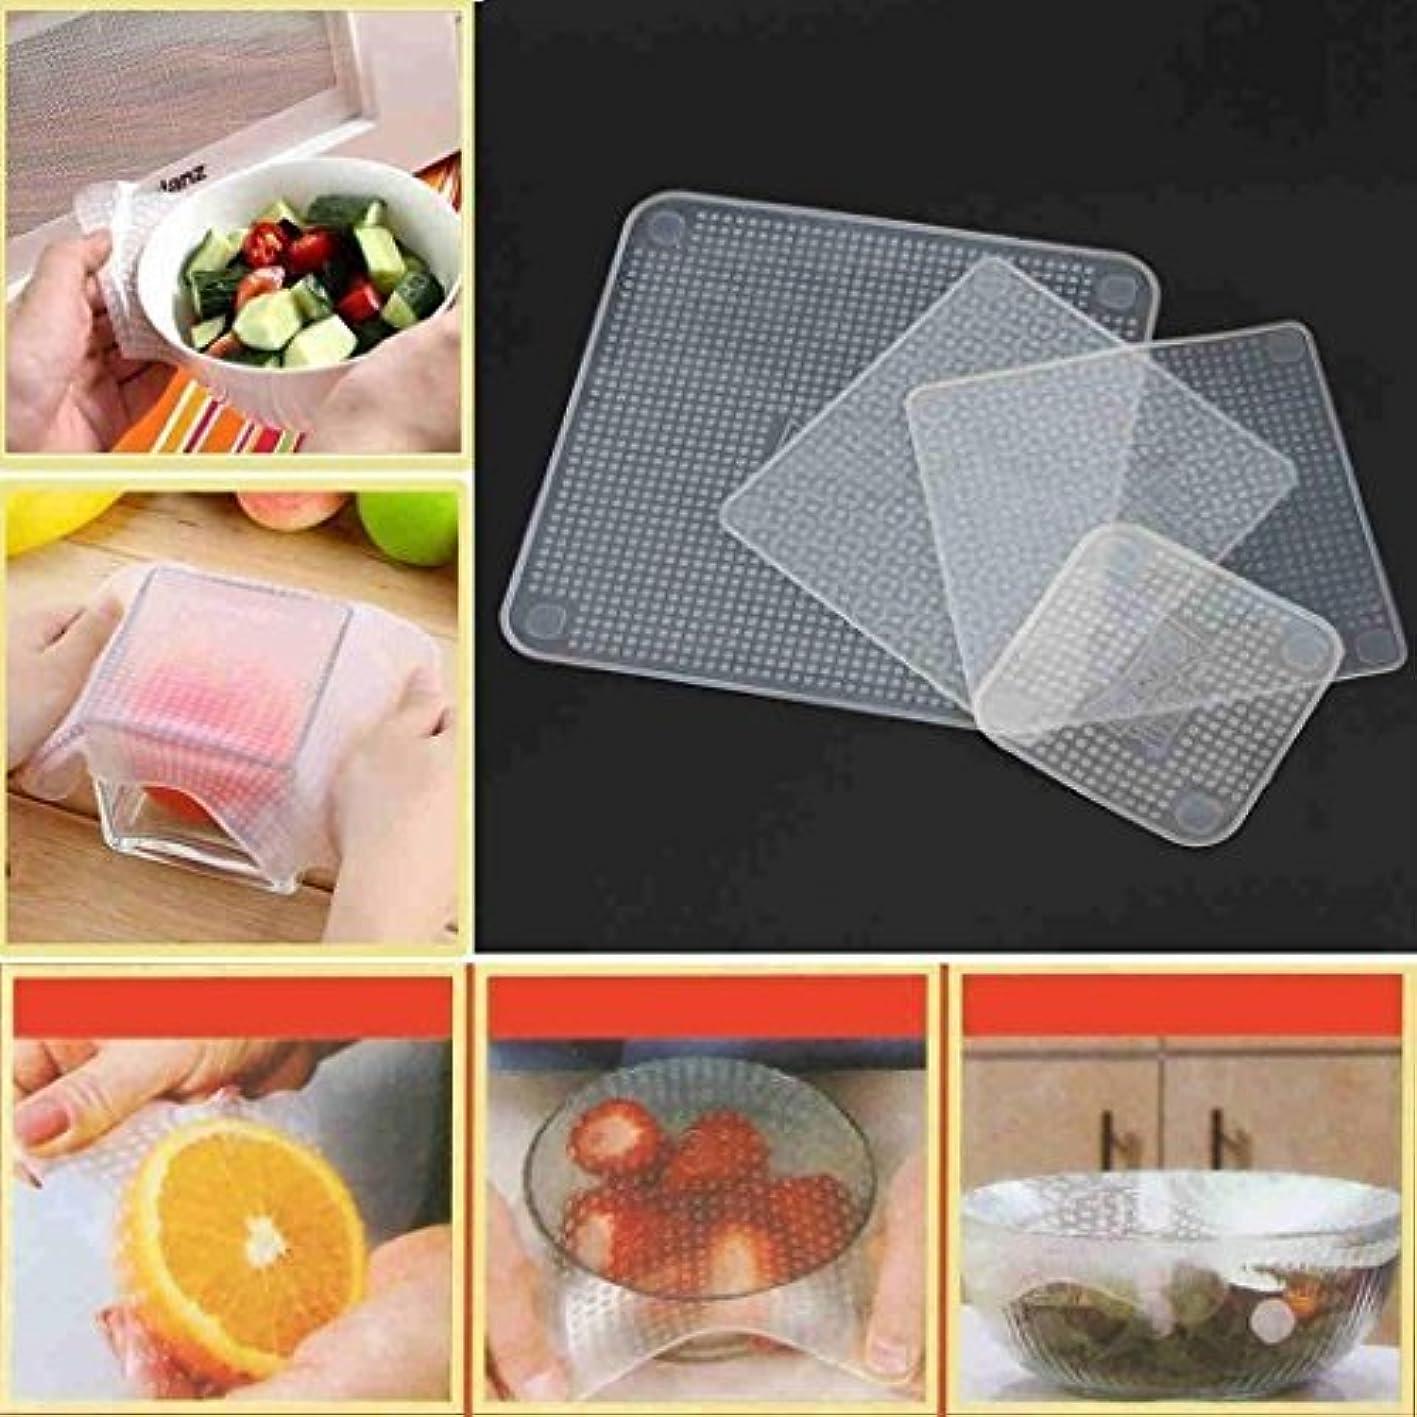 窓を洗う流意見4再利用可能な食品の新鮮なツールシリコーンシールボウルキッチンラップカバーストレッチを保つこと